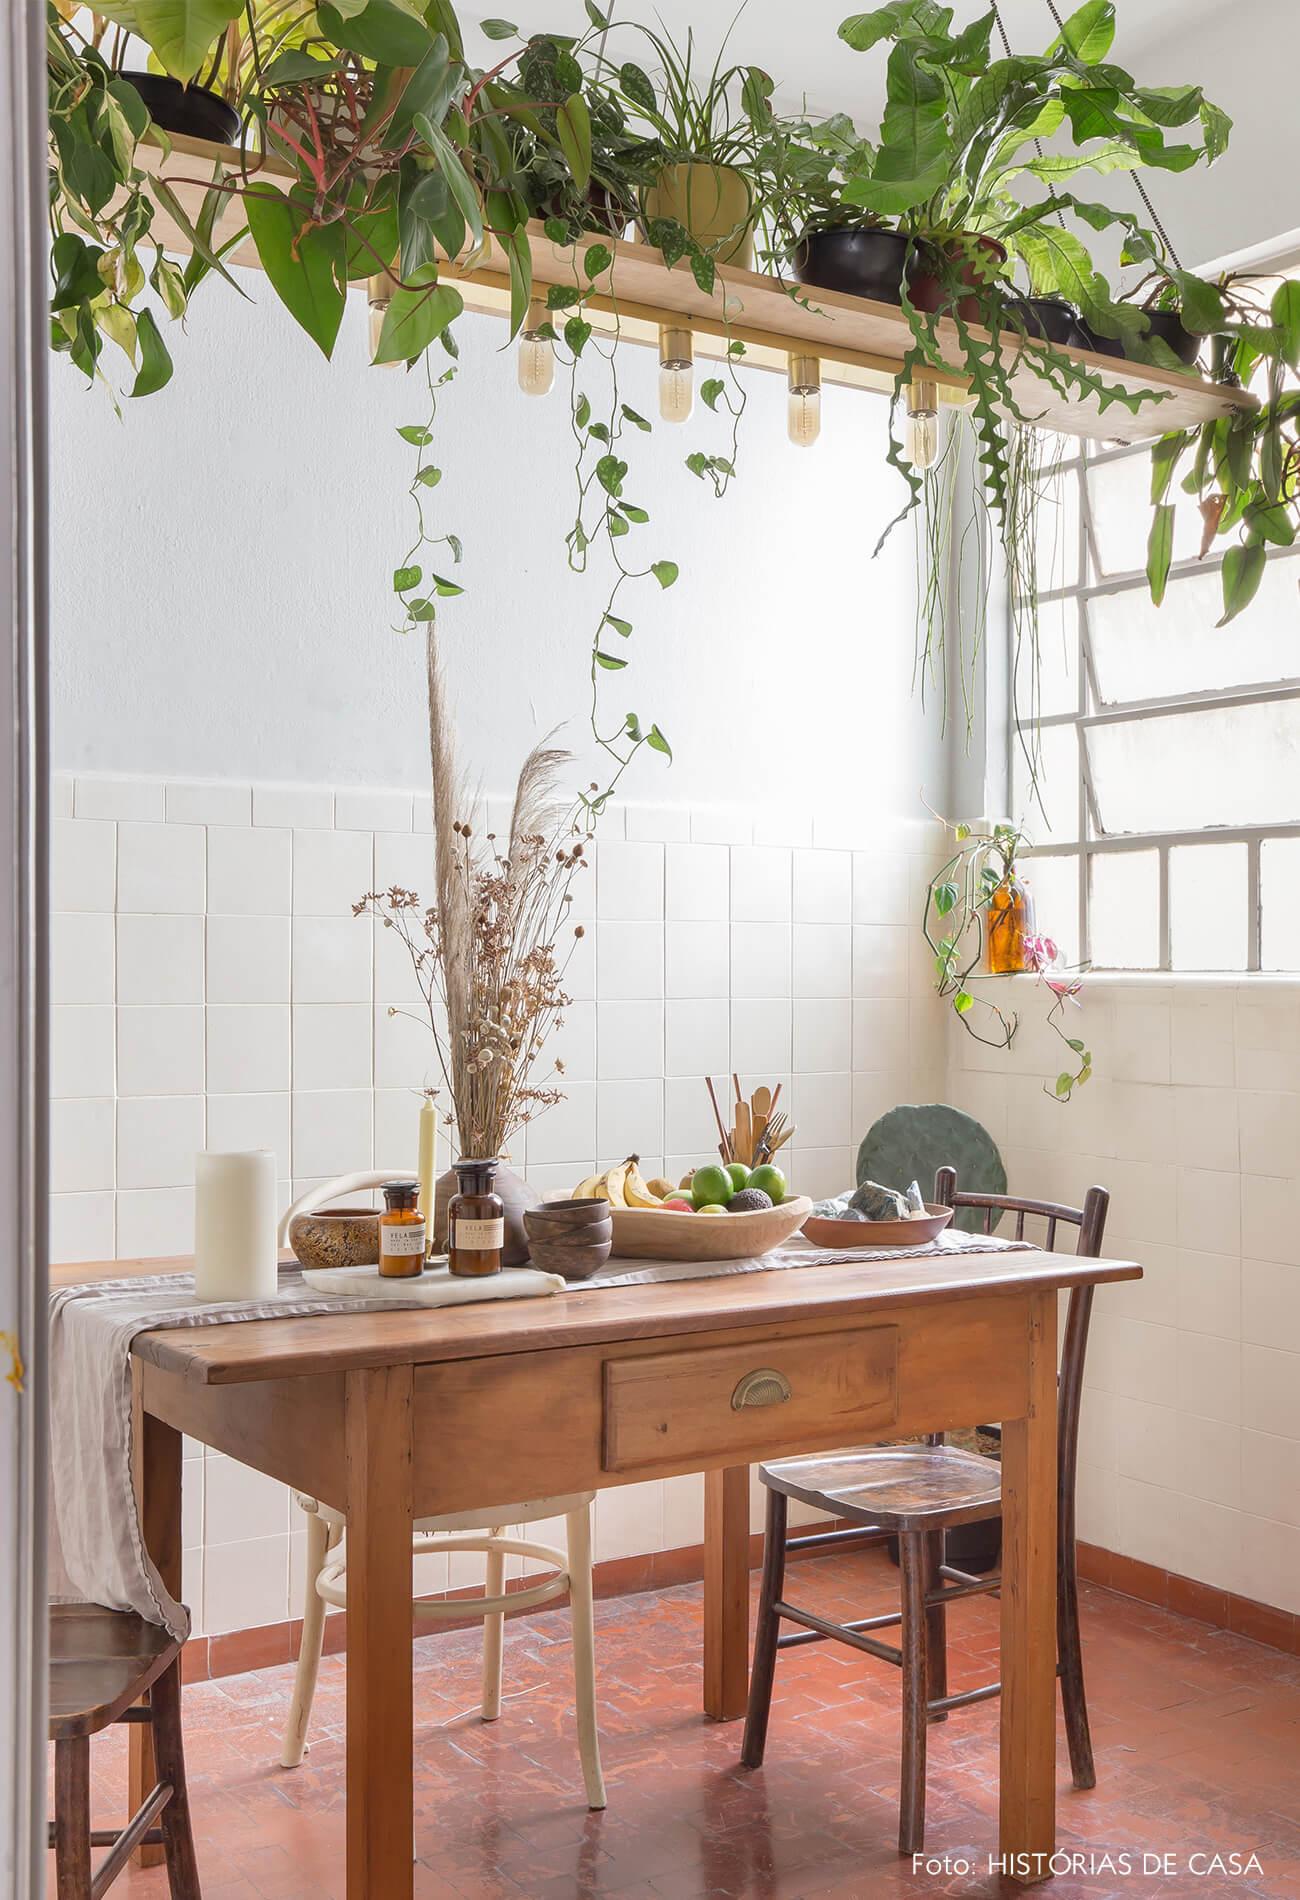 sala de jantar com móveis de madeira e paredes brancas com plantas